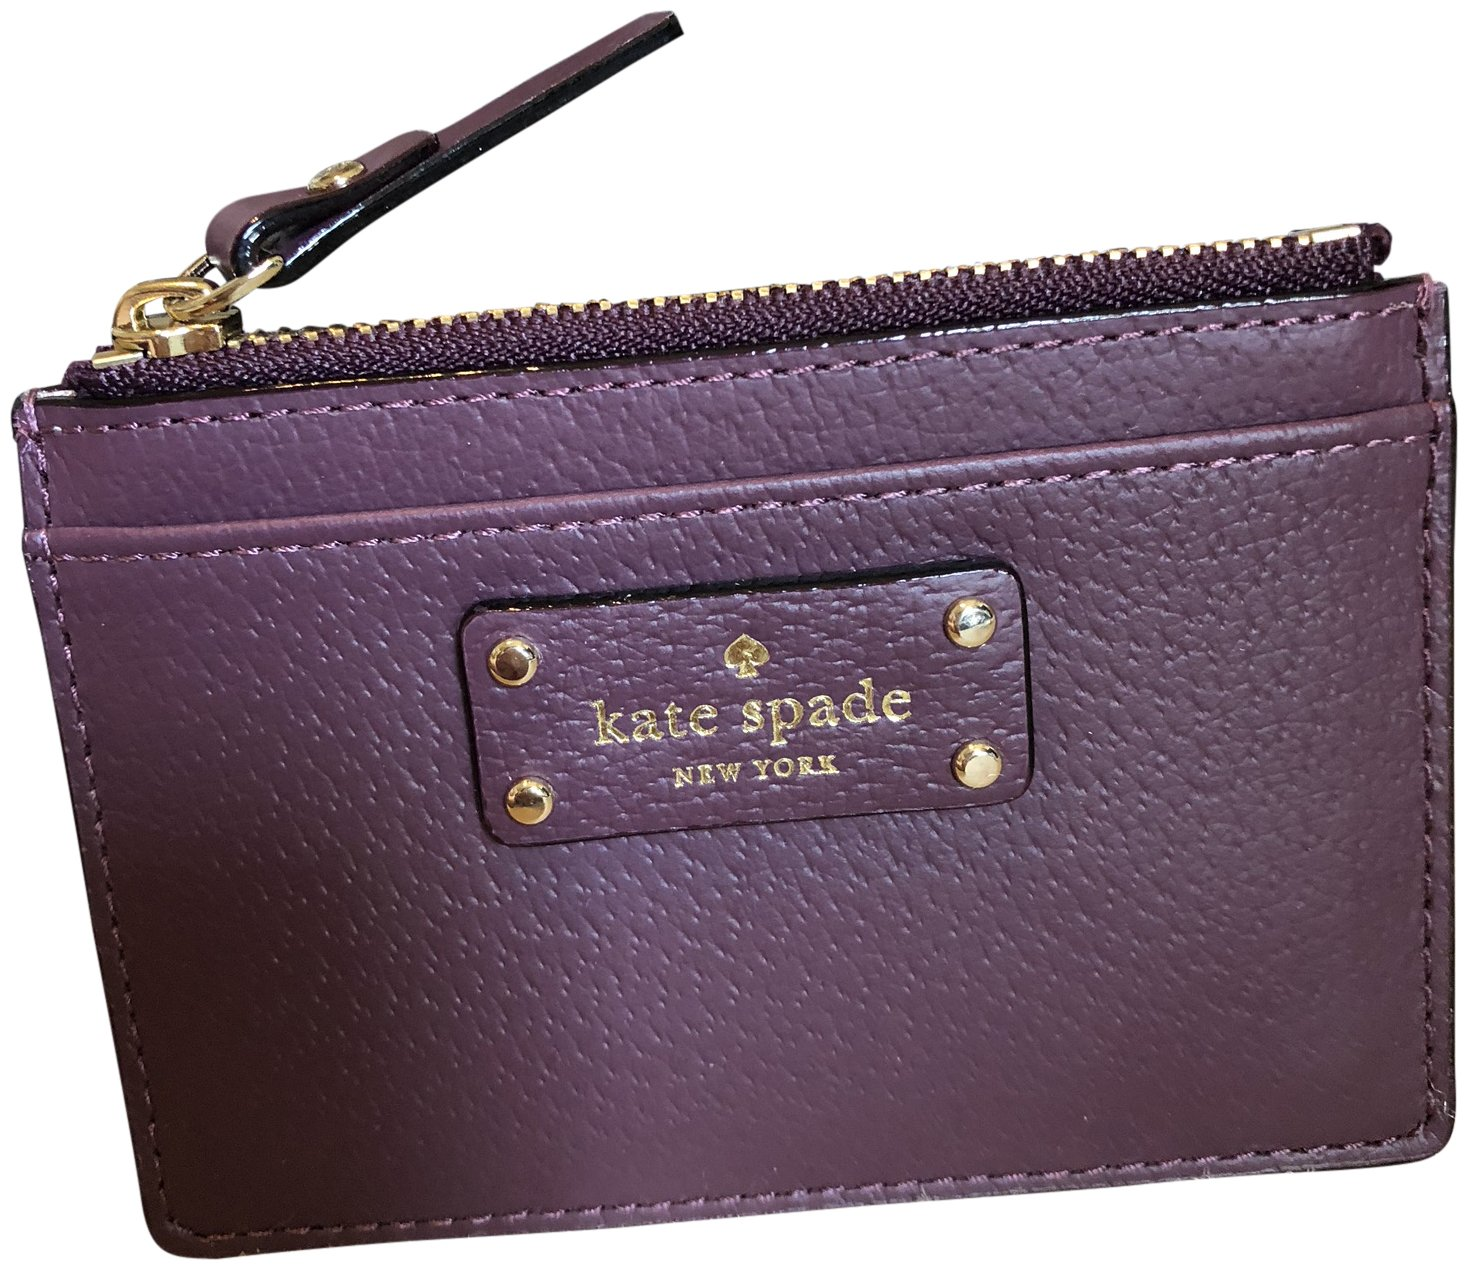 Kate Spade Grove Street Adi Wallet Coin Purse Business Credit Card Holder Case Deepplum